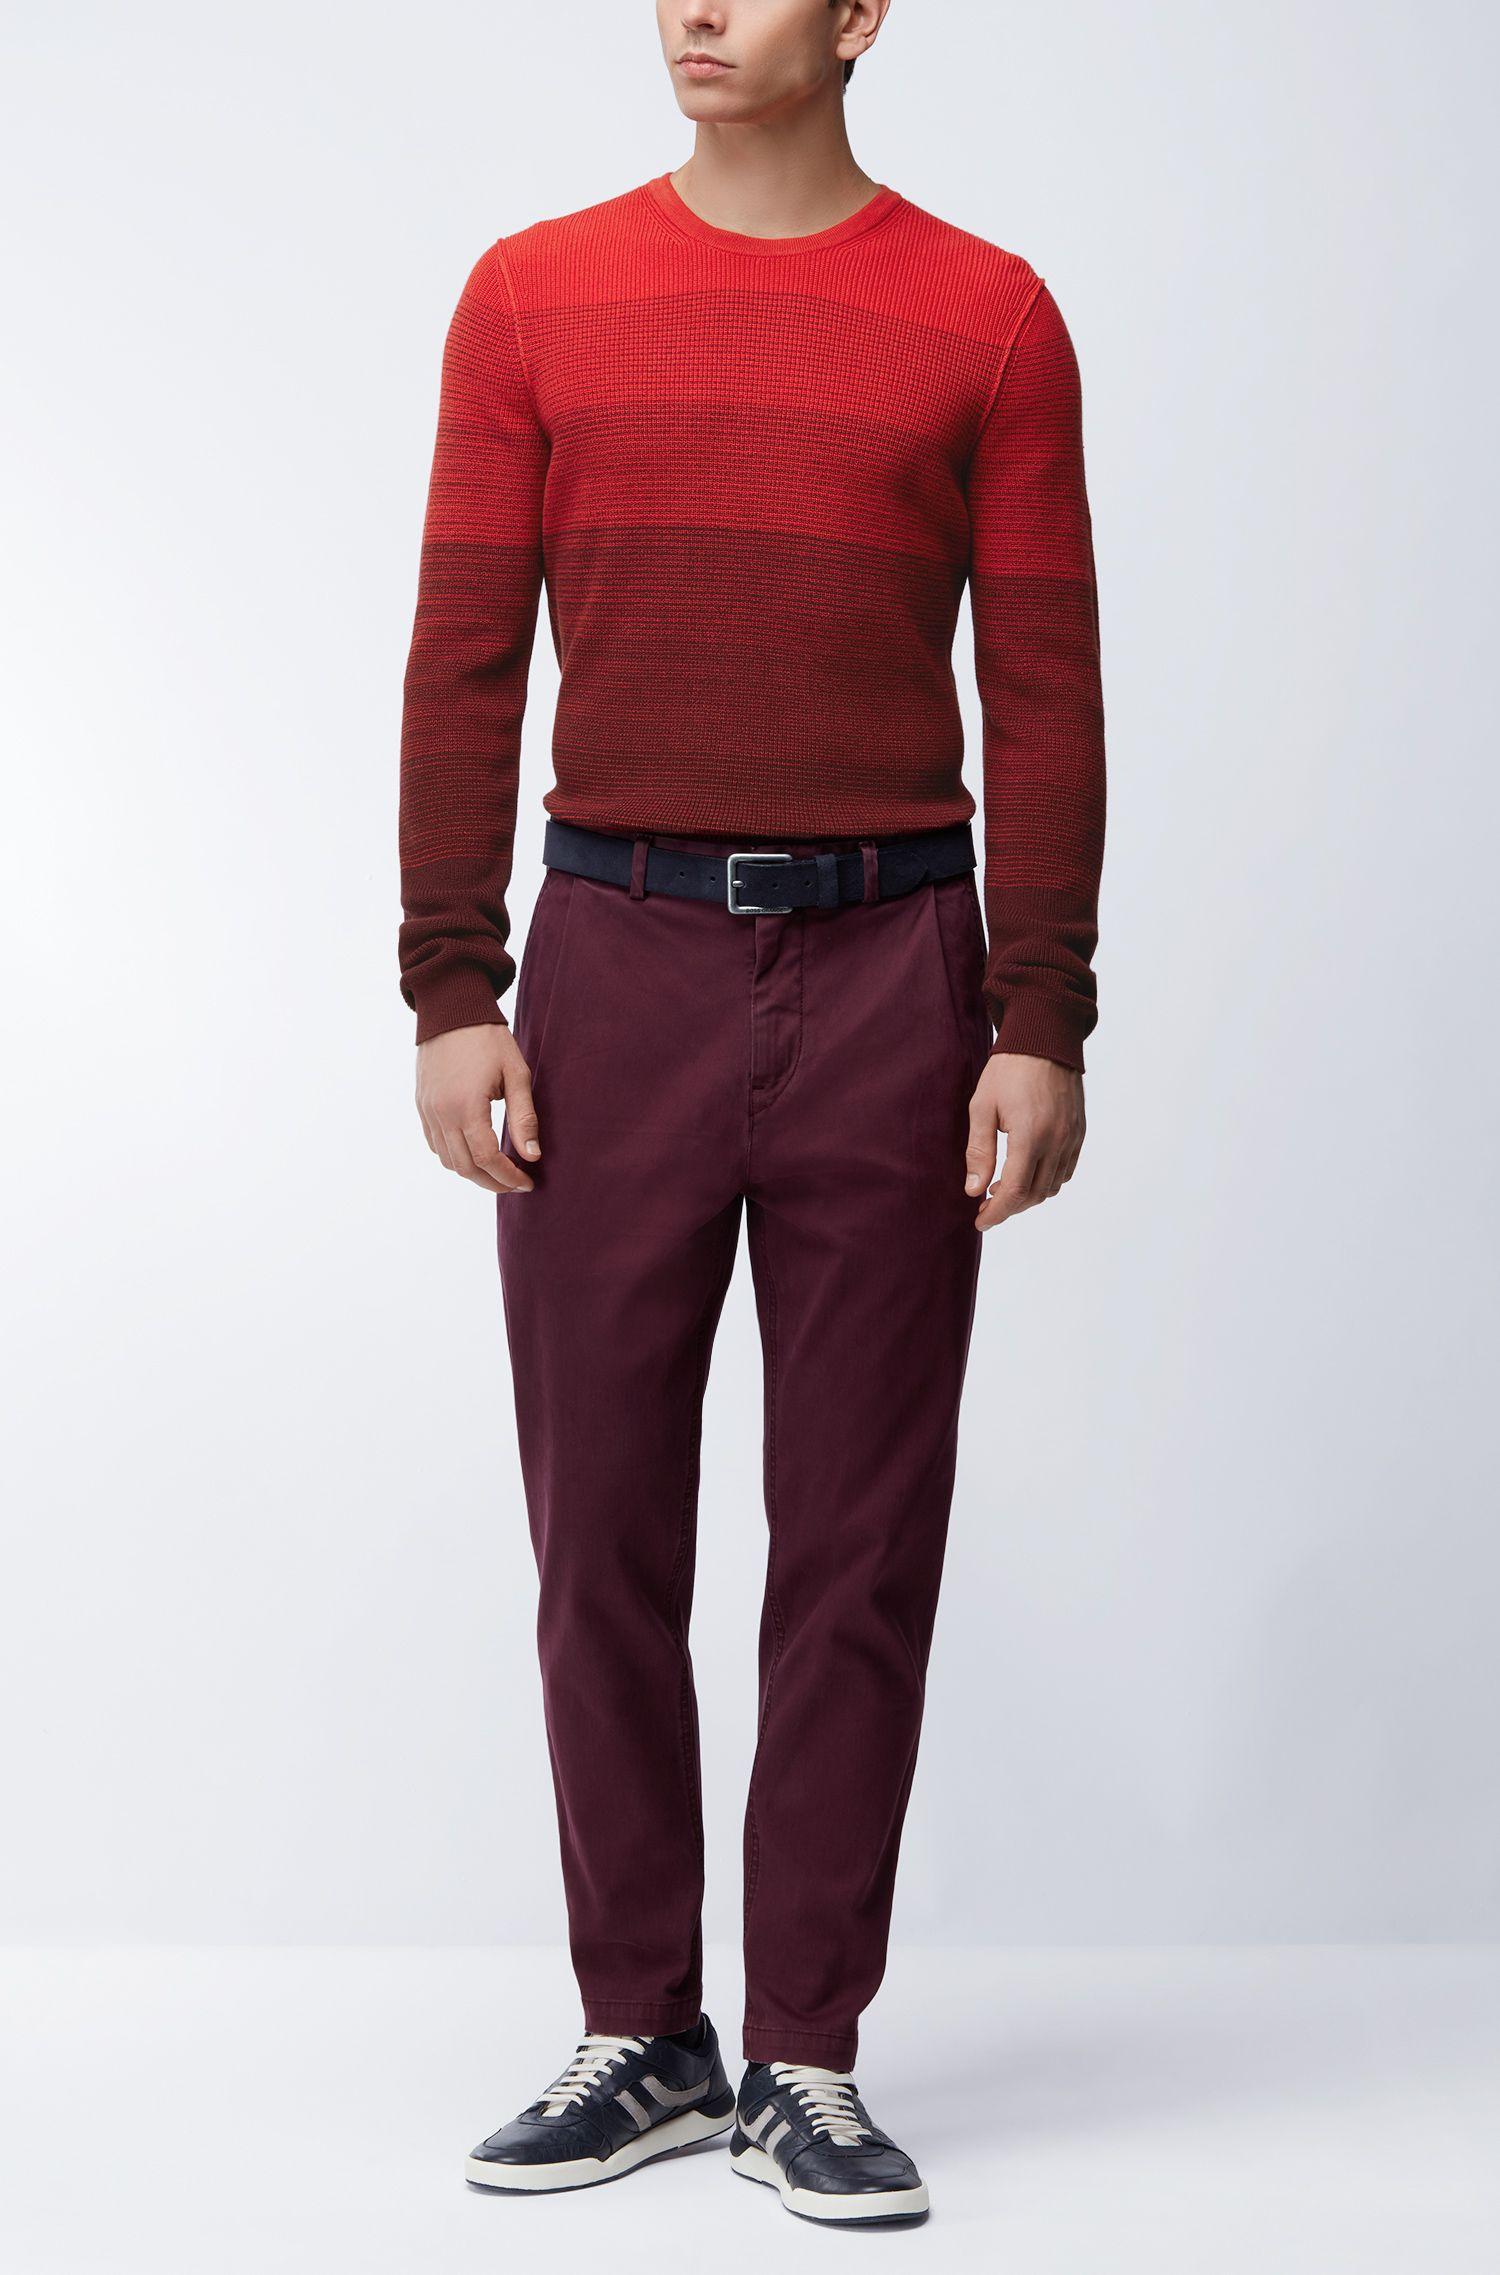 Jersey de algodón con textura de canalé degradada